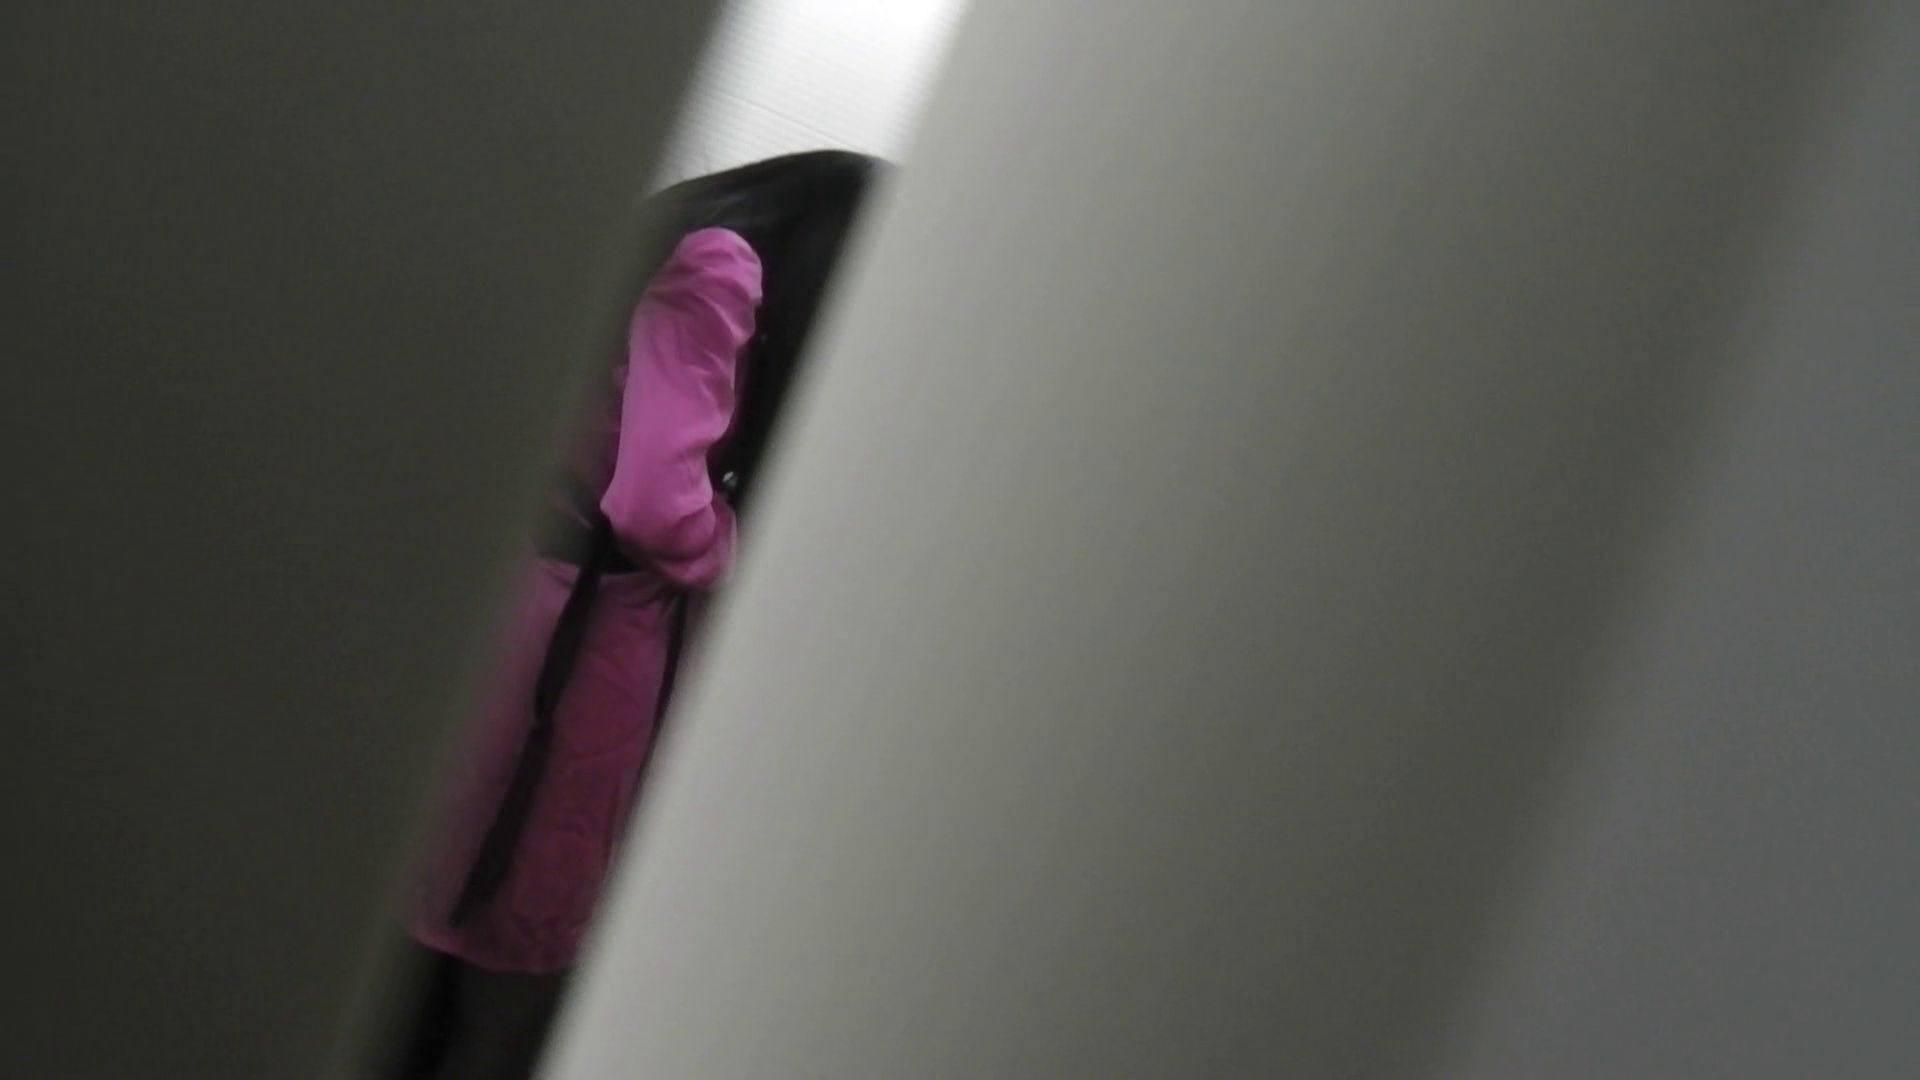 【日本成人用品展览会。超模如云】vol.01 着替 空爆 着替え のぞき濡れ場動画紹介 100pic 56